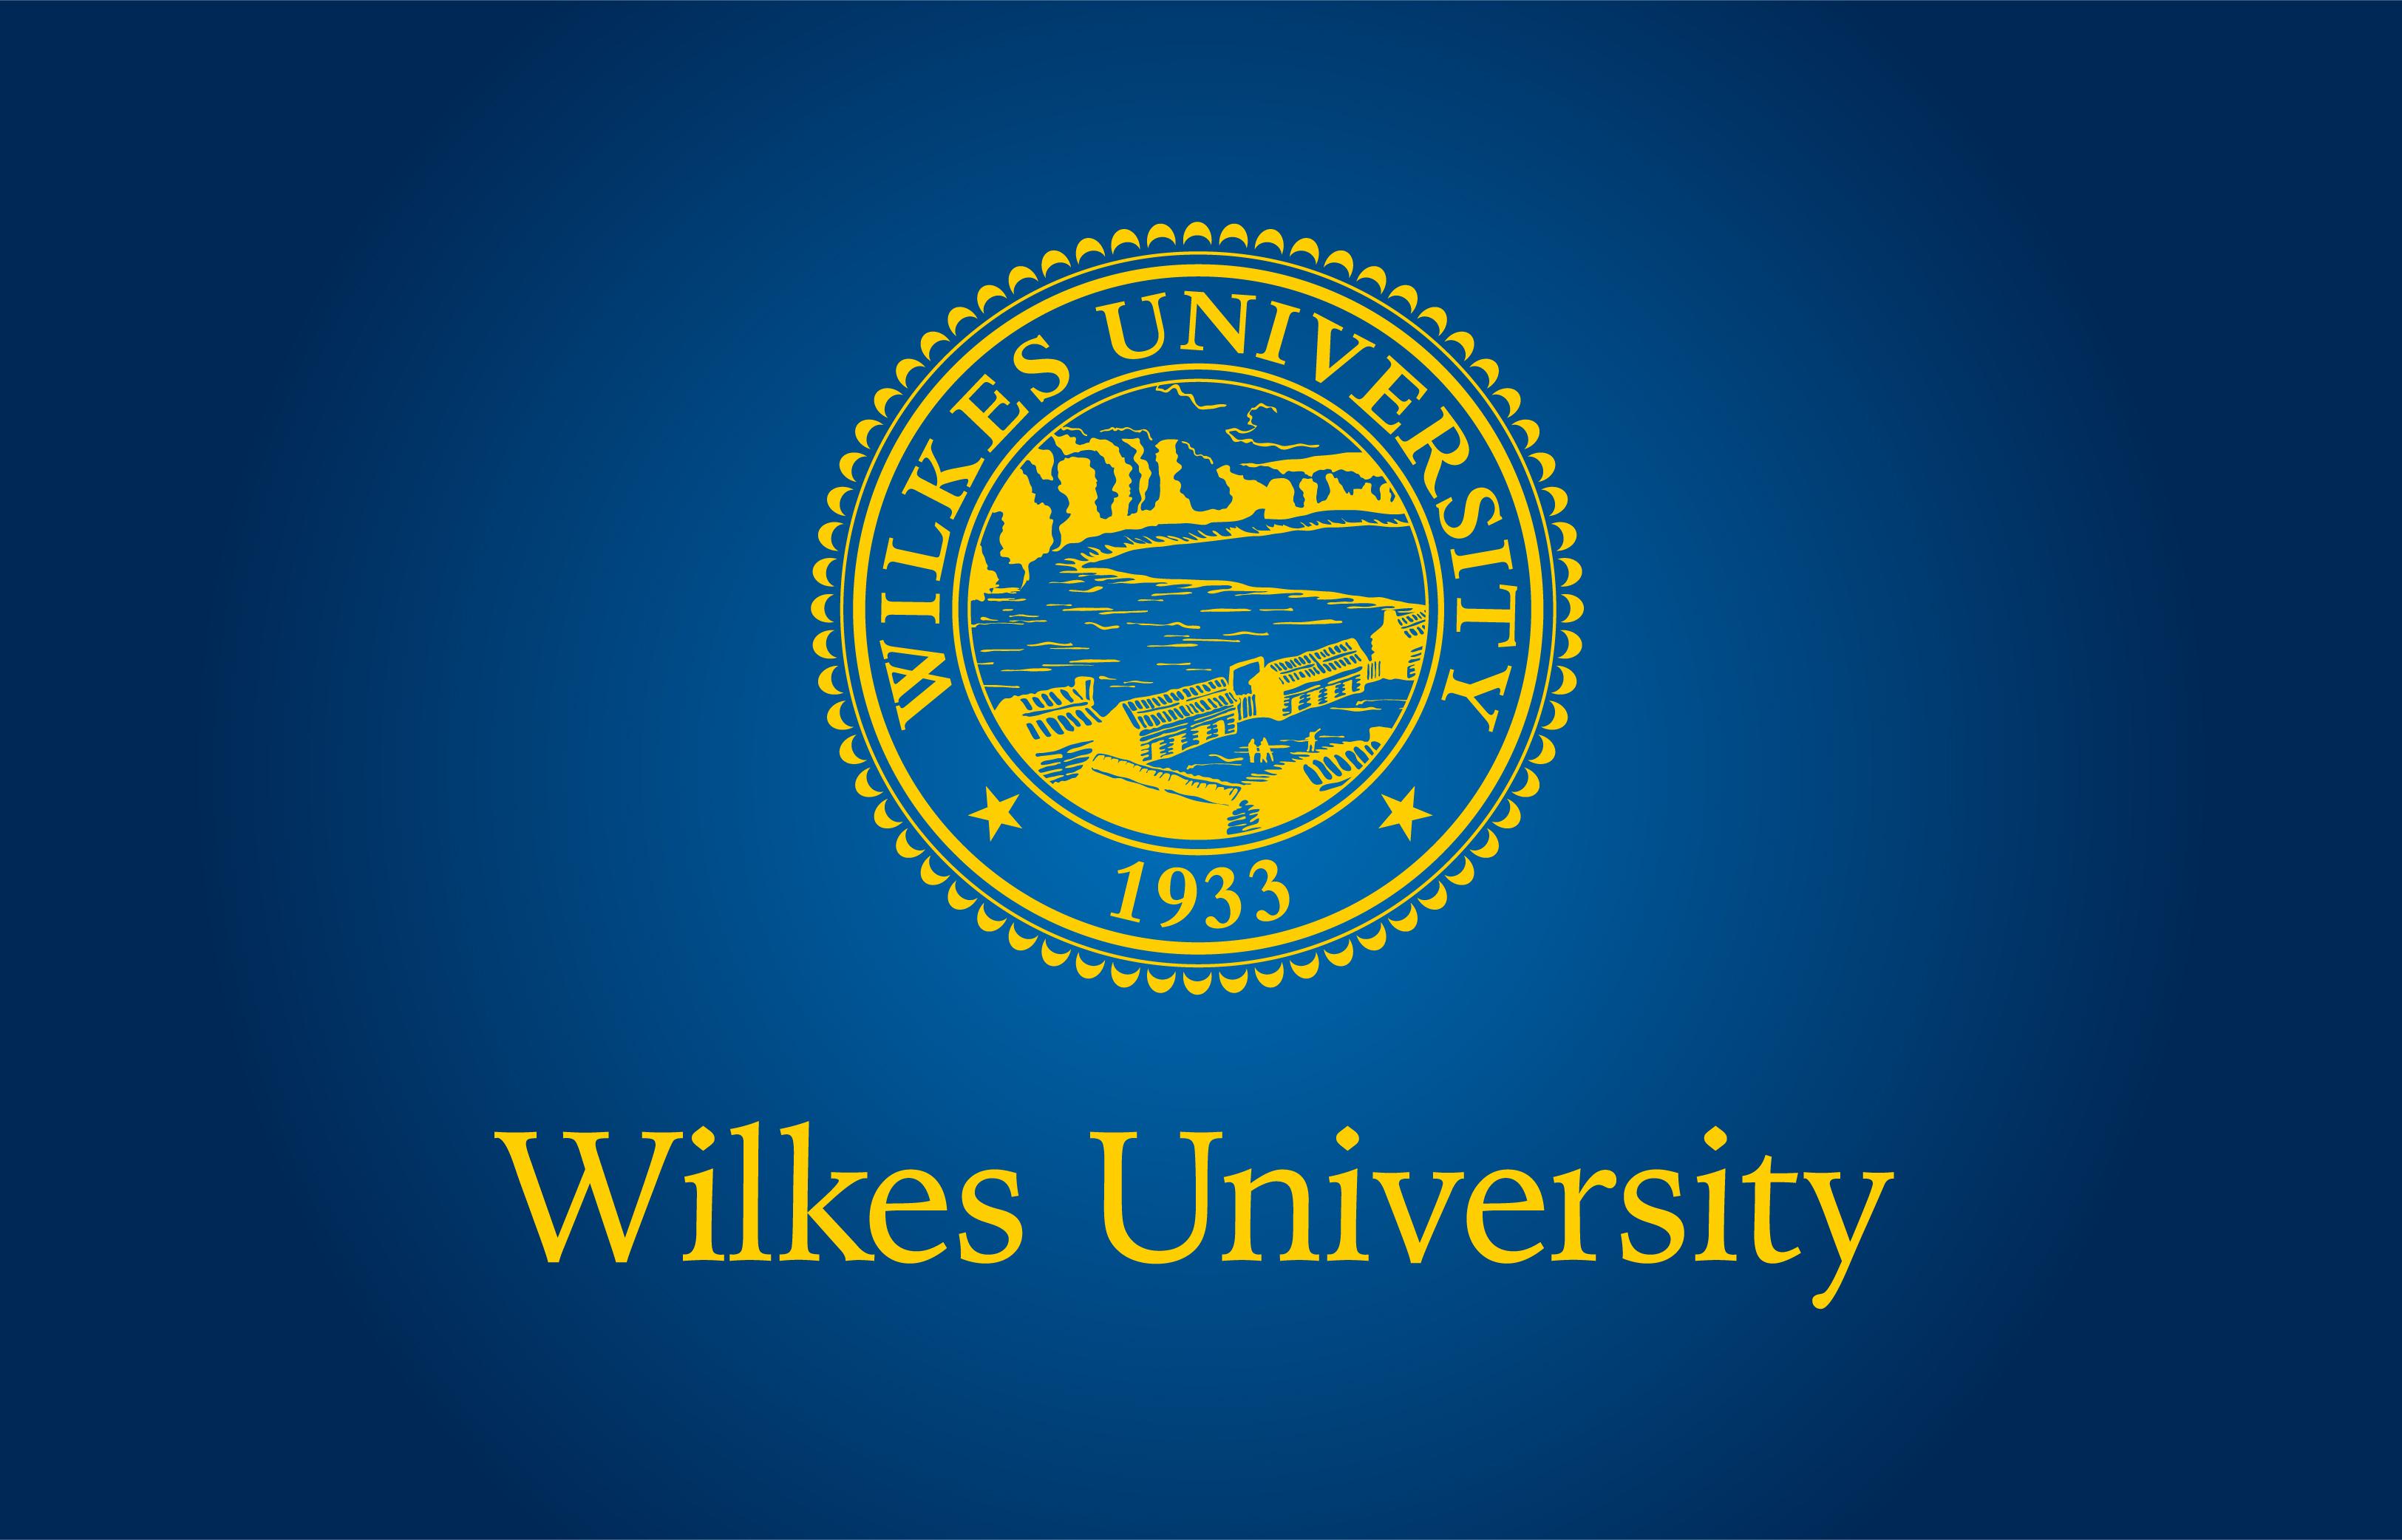 Wilkes University Seal